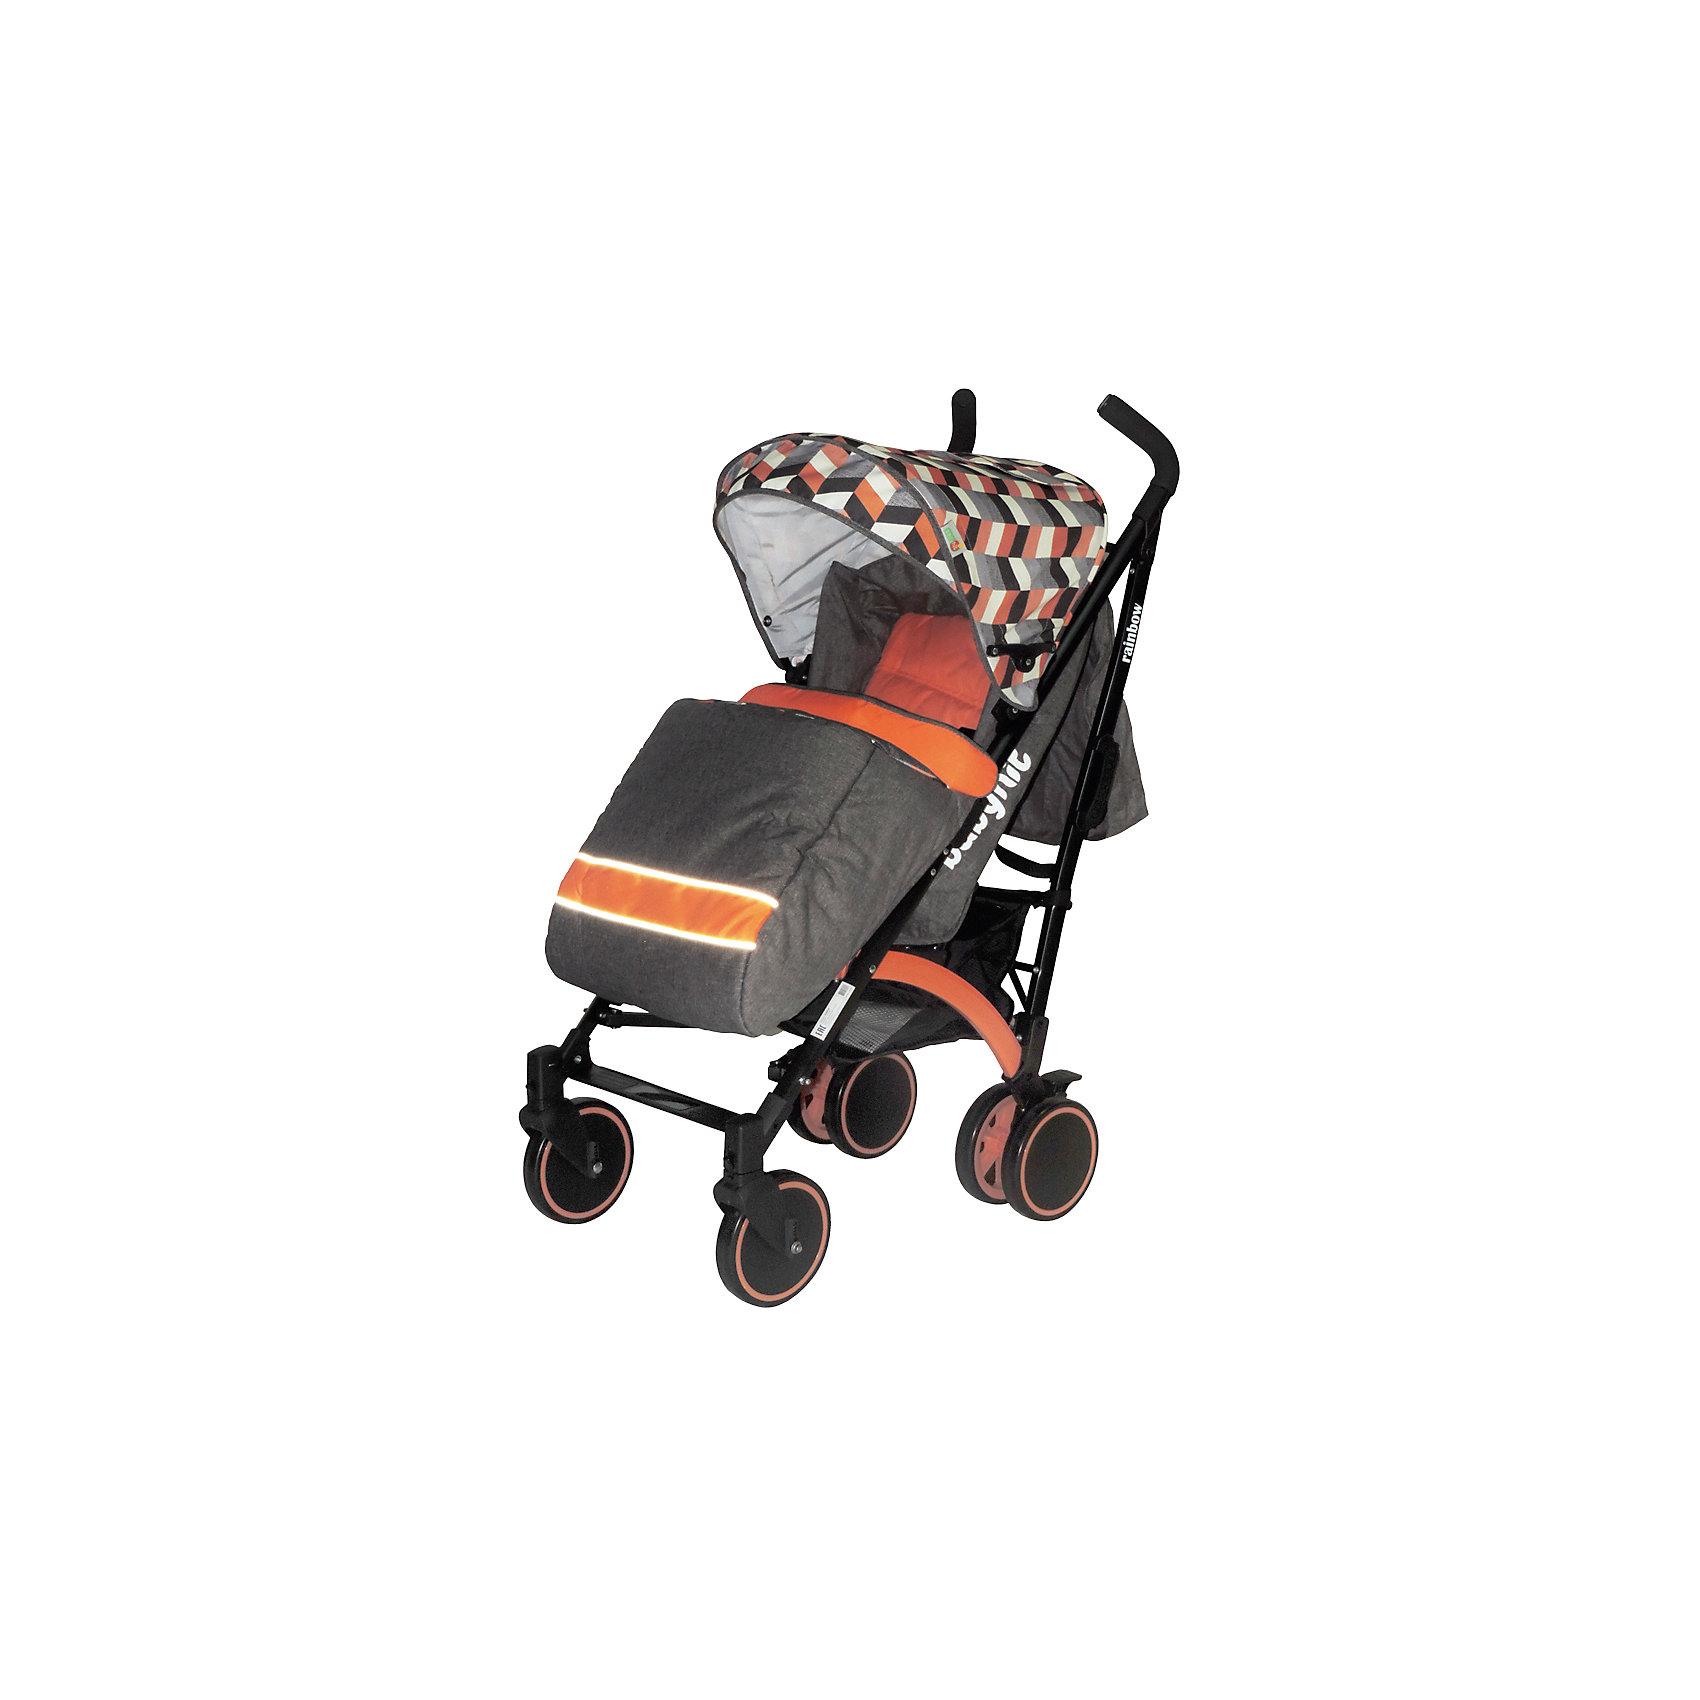 Коляска-трость BabyHit Rainbow, оранжевый/серыйКоляски-трости<br>Дополнительная информация:<br><br>Прогулочная коляска-трость предназначена для детей от 6-ти месяцев до 3-х лет.<br>Спинка сиденья регулируется в 3-х положениях для комфортного отдыха ребенка.<br>5-ти точечные ремни безопасности с мягкими плечевыми накладками и паховый ремень надежно удержат малыша на прогулке.<br>Бампер предназначен для дополнительной безопасности, снимается при необходимости.<br>Подножка регулируемая.<br>Капюшон-батискаф опускается до бампера.<br>Передние поворотные колеса с возможностью фиксации в положении прямо.<br>Все колеса амортизированы.<br>В сложенном виде коляску легко переносить с помощью удобной ручки.<br>Коляска автоматически блокируется при складывании.<br>Корзинка для покупок расположена в нижней части коляски.<br>Размеры коляски в разложенном виде: 85/43/108 см.<br>Ширина сиденья: 35 см.<br>Высота спинки: 47 см.<br>Глубина сиденья: 25 см.<br>Длина подножки: 13 см.<br>Размер спального места при поднятой подножке - 85 х 35 см.  <br>Диаметр колес: 18 см.<br>Вес коляски - 7,4 кг.<br>В комплекте:<br>Чехол для ножек. <br>Дождевик.<br>Москитная сетка.<br>Корзинка для покупок.<br>Сумка (нет в комплекте у колясок в расцветках: бежевый, голубой, малиновый).<br><br>Коляску-трость RAINBOW, BabyHit, оранжевый можно купить в нашем магазине.<br><br>Ширина мм: 260<br>Глубина мм: 250<br>Высота мм: 900<br>Вес г: 8700<br>Цвет: оранжевый<br>Возраст от месяцев: 6<br>Возраст до месяцев: 36<br>Пол: Унисекс<br>Возраст: Детский<br>SKU: 4640320